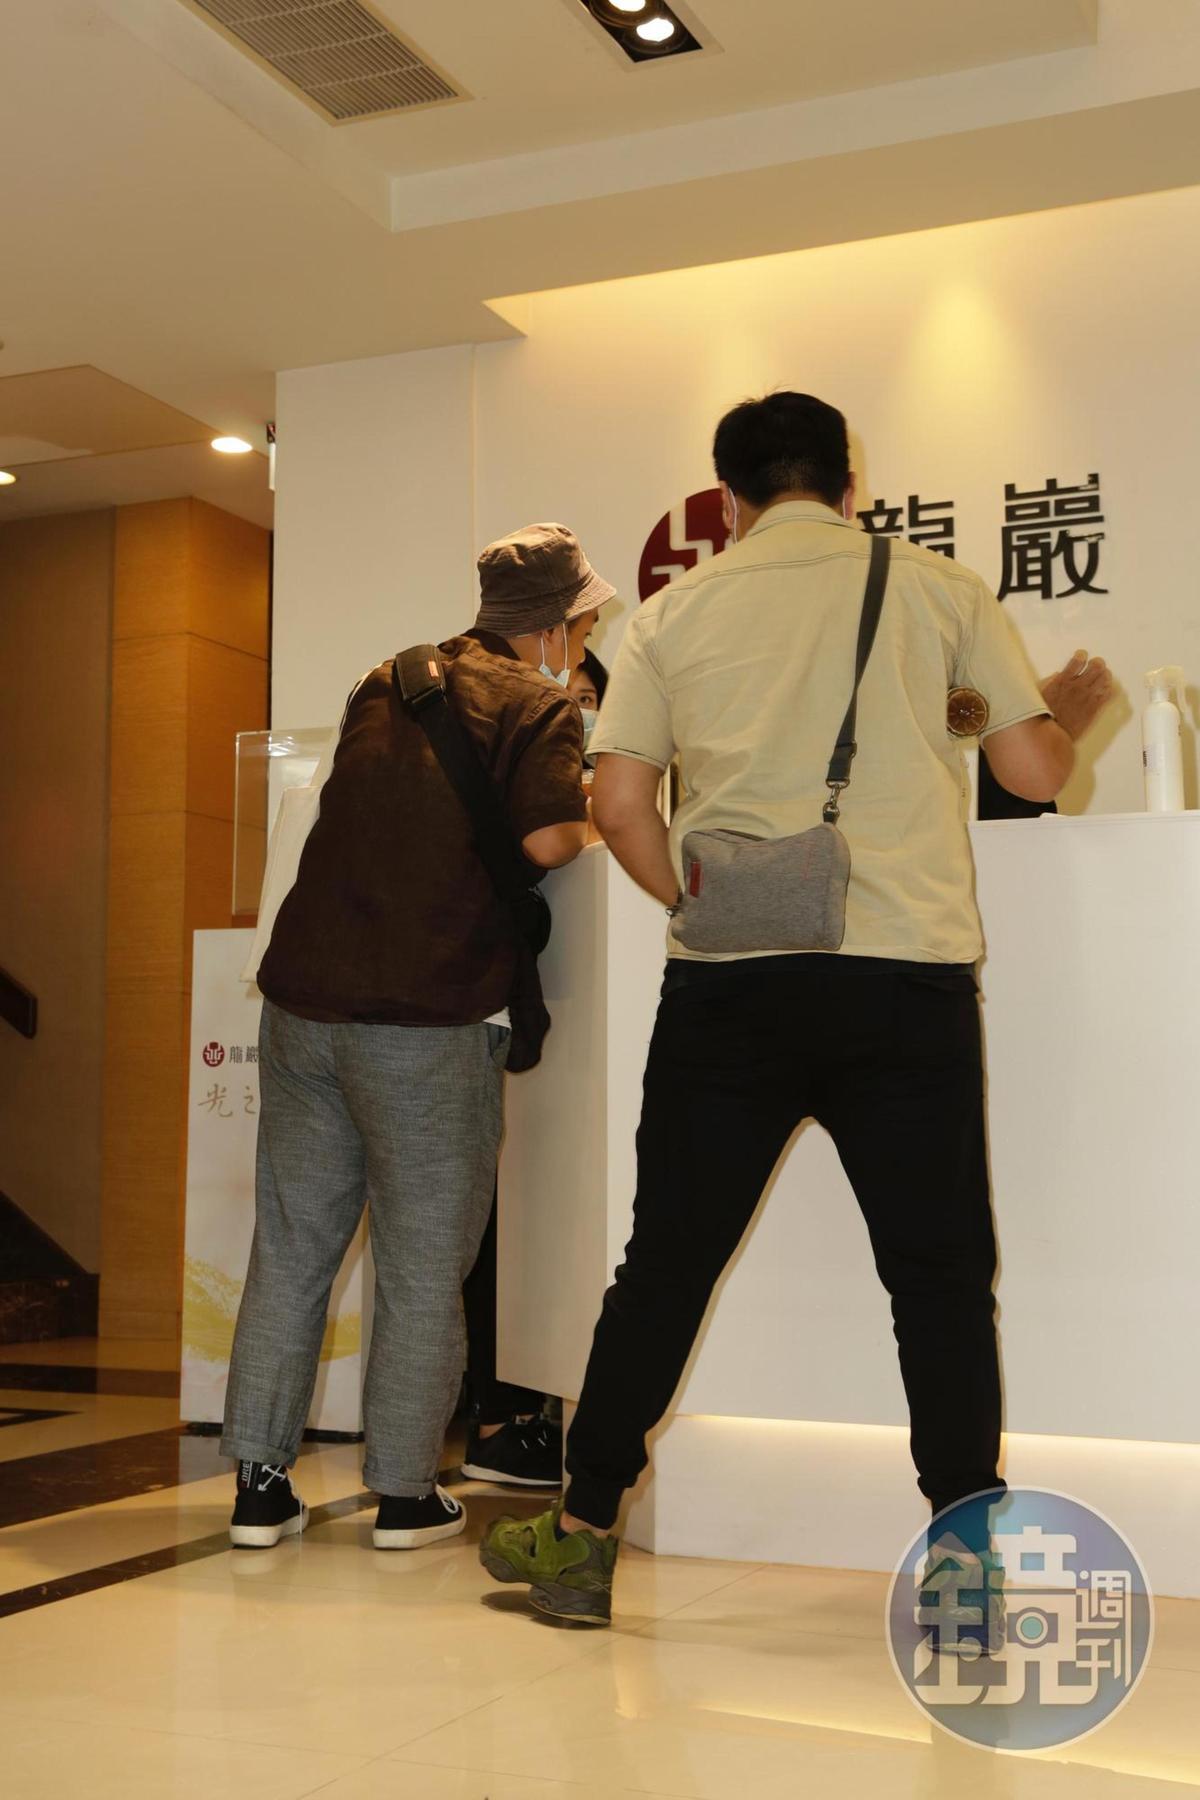 《綜藝玩很大》的工作人員來到靈堂,部分軟硬體布置將由他們負責。